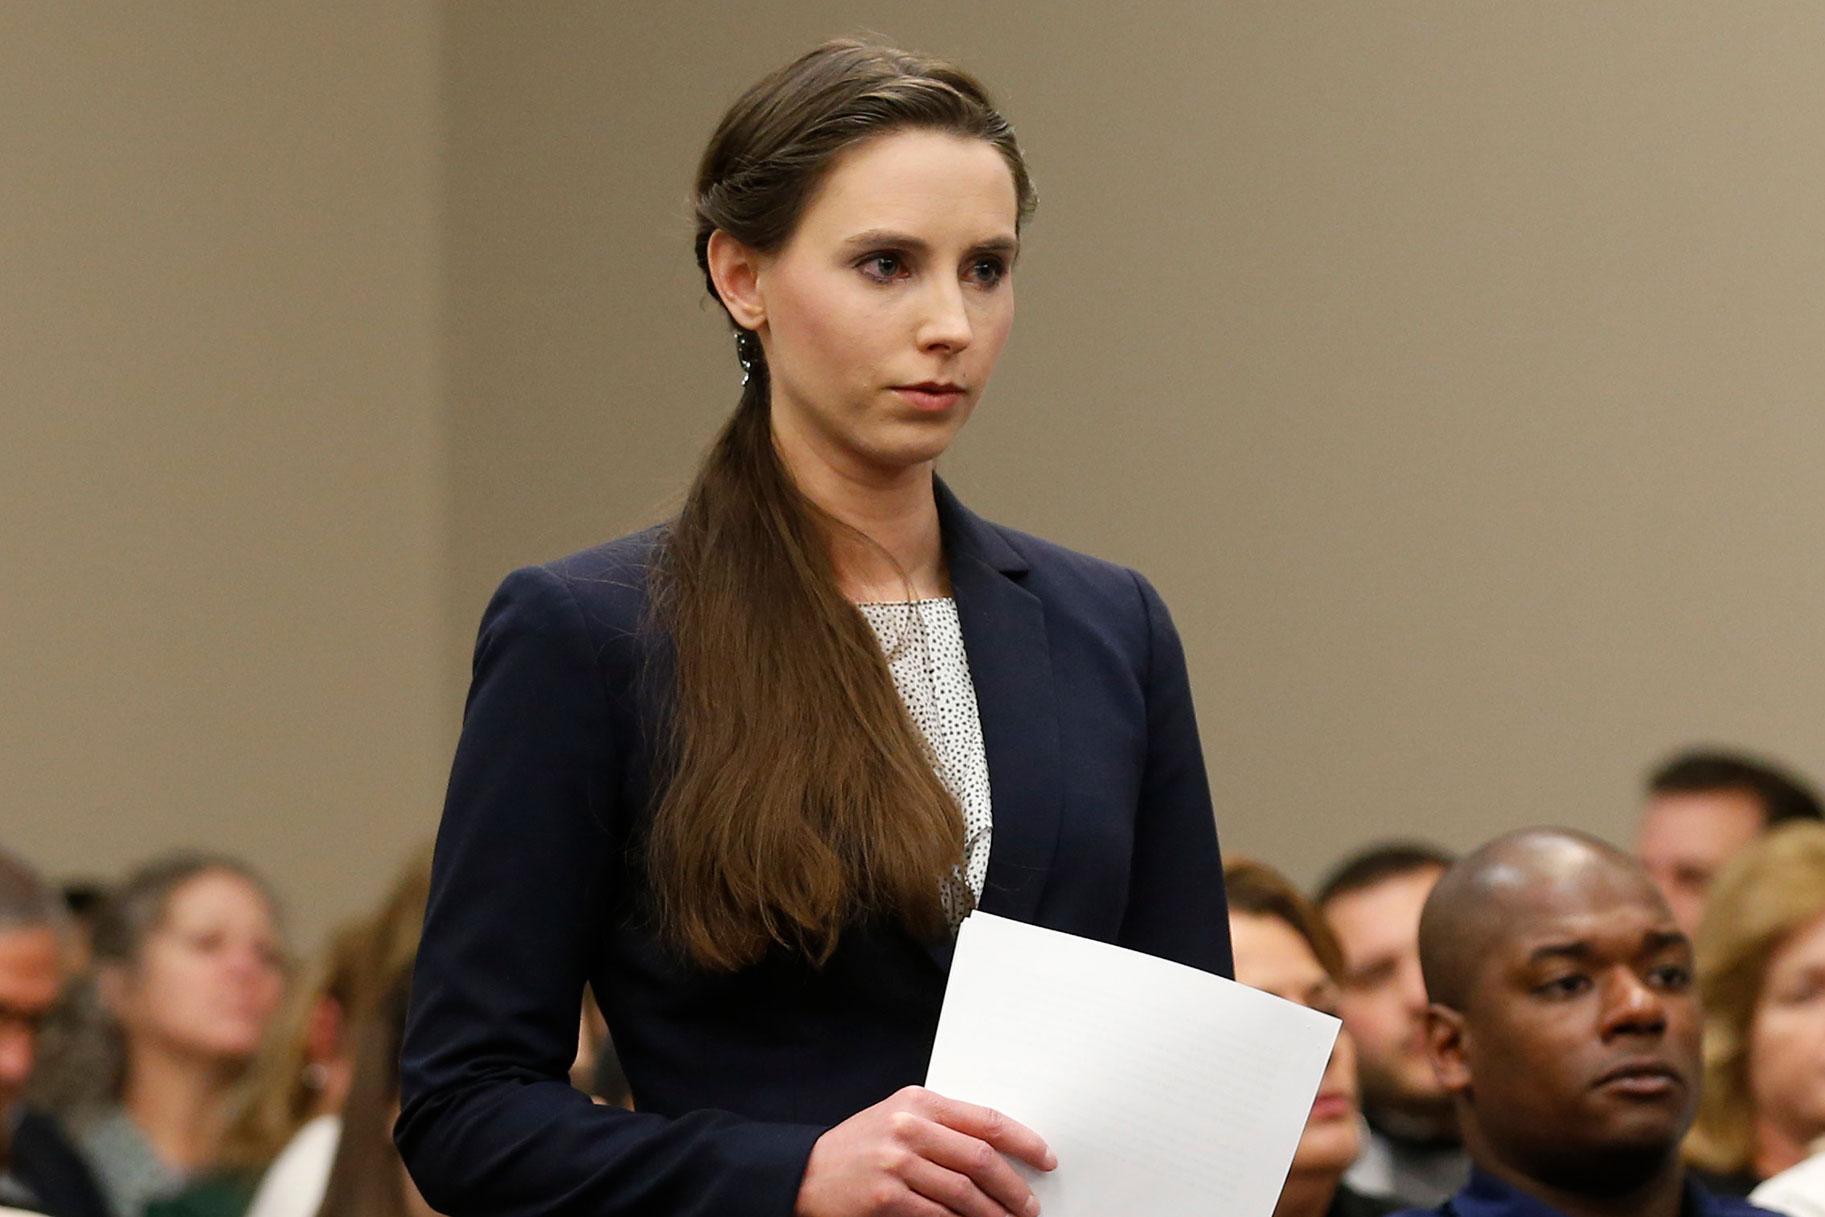 איפה רחל דנהולנדר, האישה הראשונה שדיברה בפומבי נגד לארי נסאר, עכשיו?